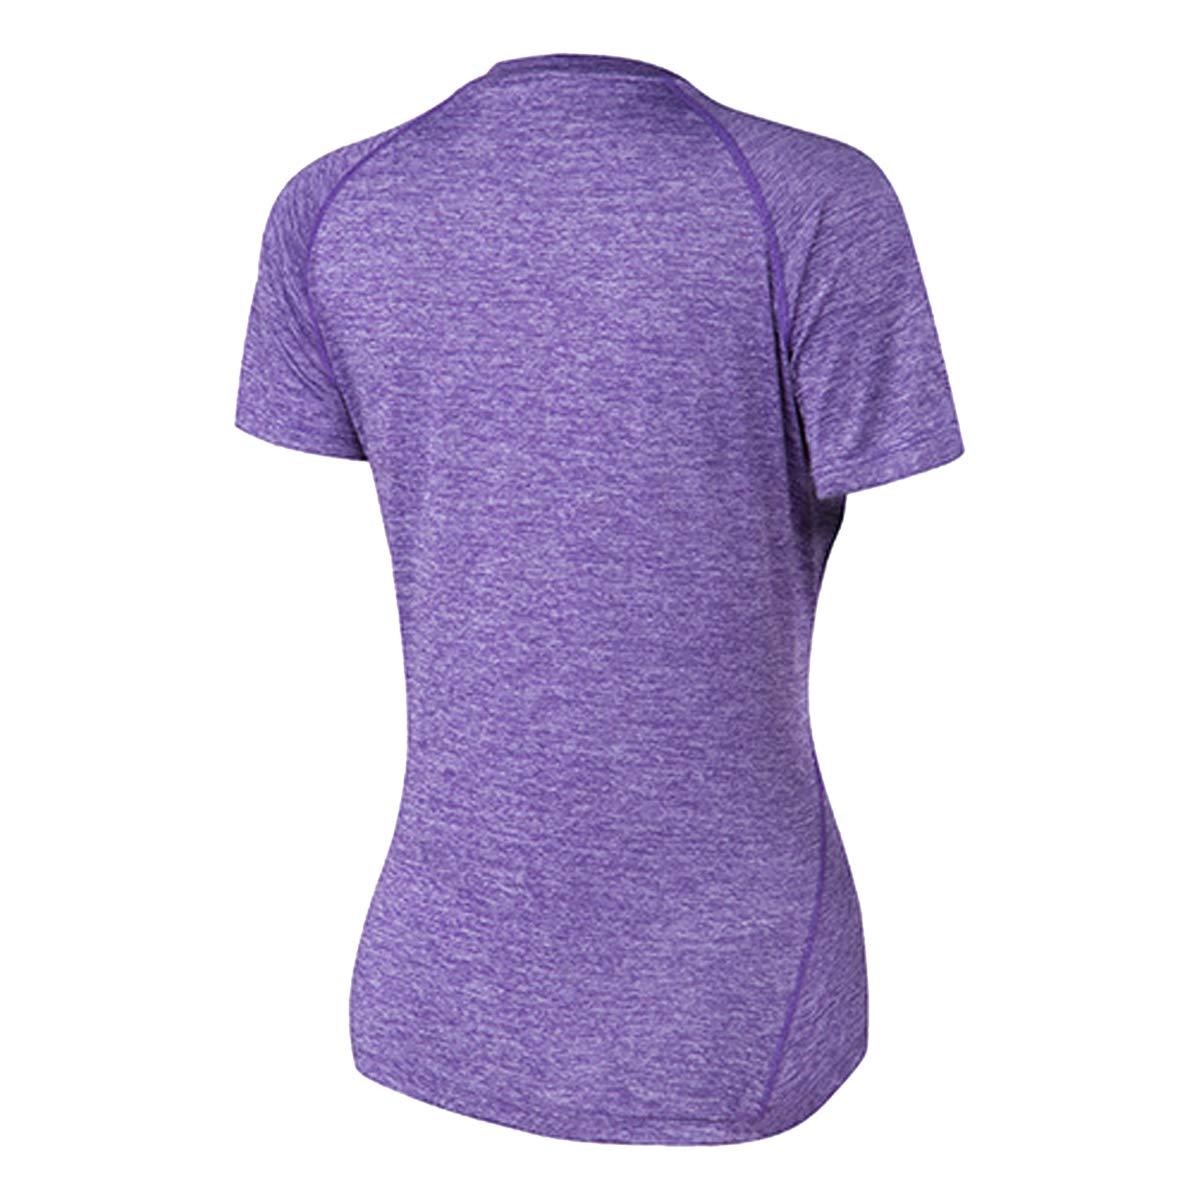 Sidiou Group T-Shirt Running Femme Manche Courte Tee Shirt Sechage Rapide Vetement de Sport T Shirt Fitness Gym Training Football Jogging Cyclisme